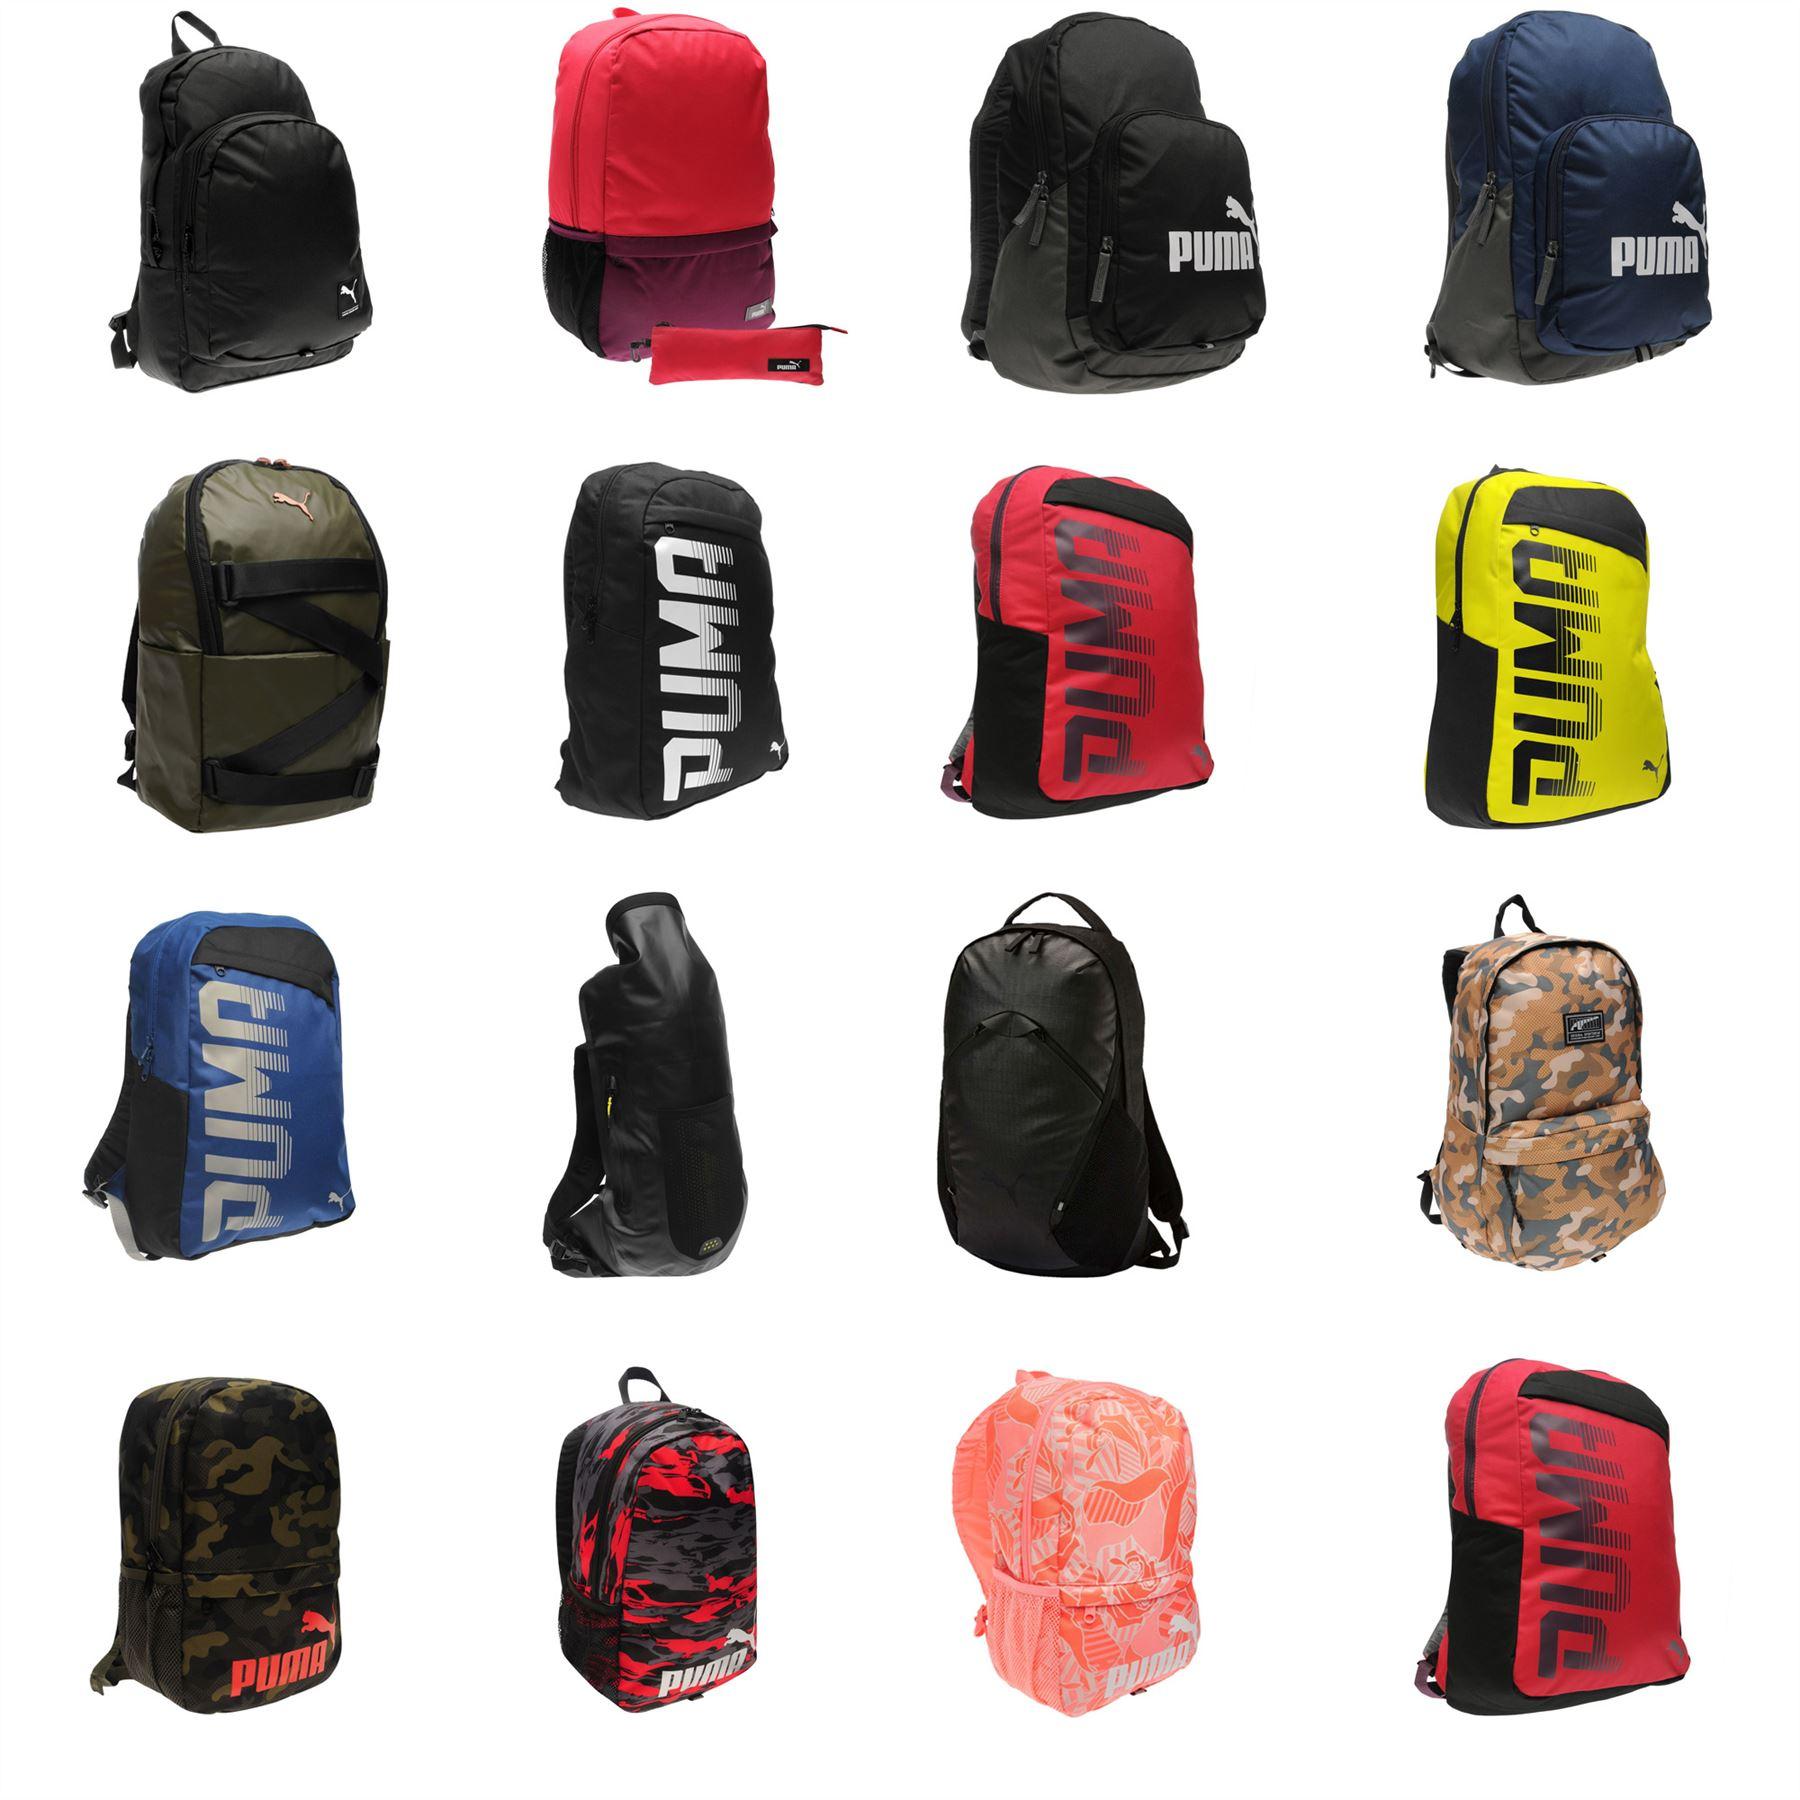 Puma Backpacks Rucksack Backpack Bag Daypack Puma Backpacks Rucksack  Backpack Bag Daypack ... 6d9ce0355fb43